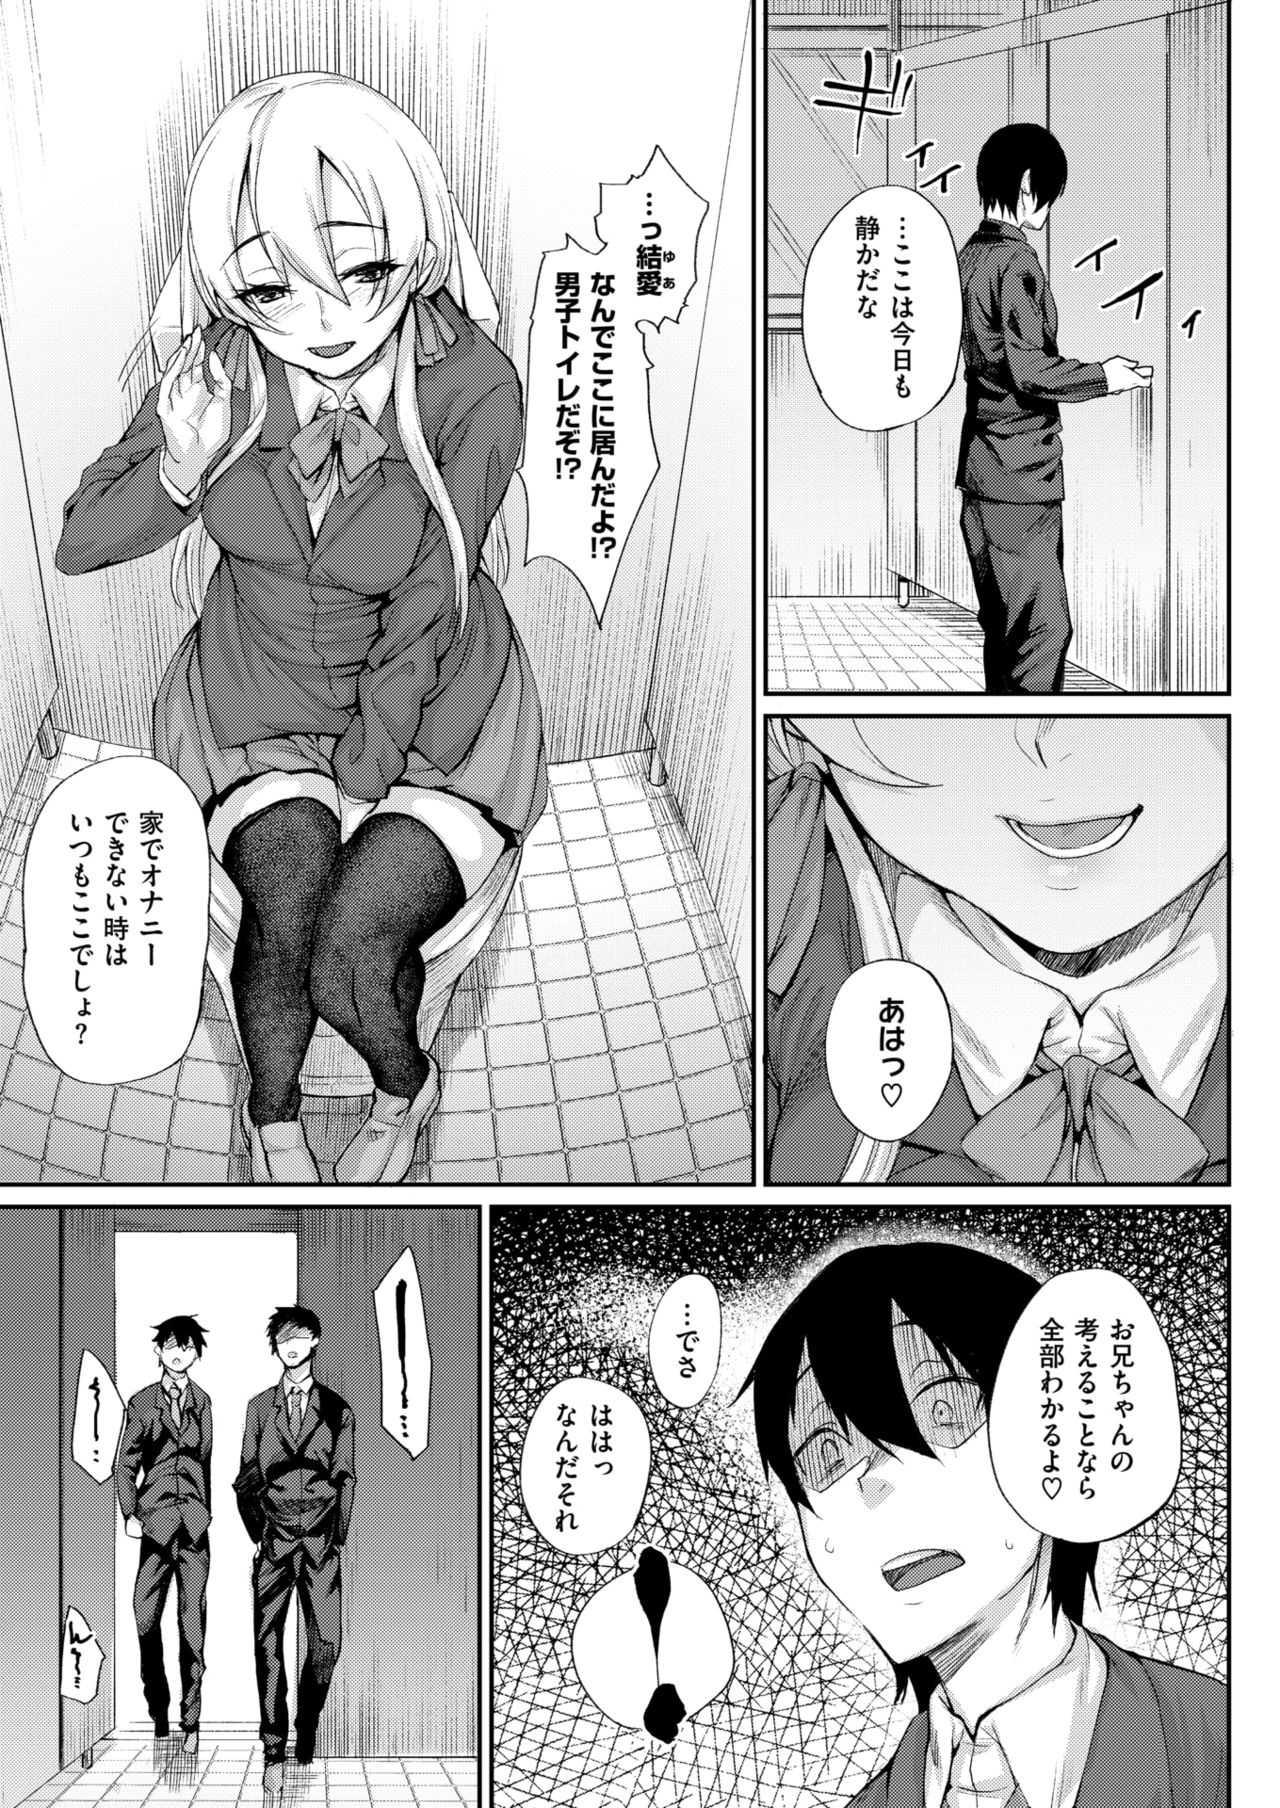 【エロ漫画】執拗に誘惑してくる義理のJK妹…ついには学校の男子トイレまで追いかけてきて逆レイプを仕掛けてきたwww【らま:兄妹のキョリカン】